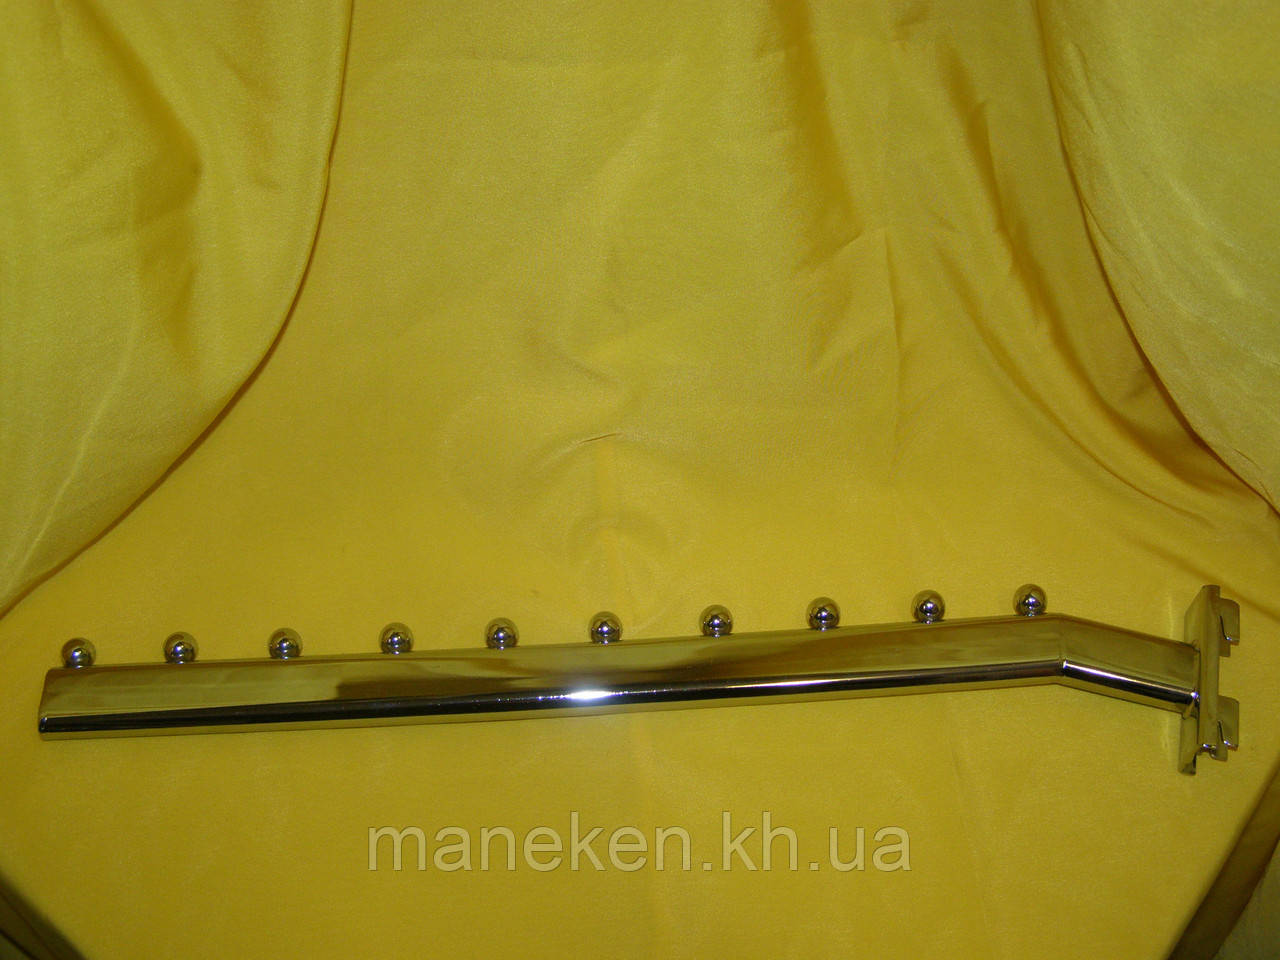 Флейта на полосу  ДЕКА 2м 40 см